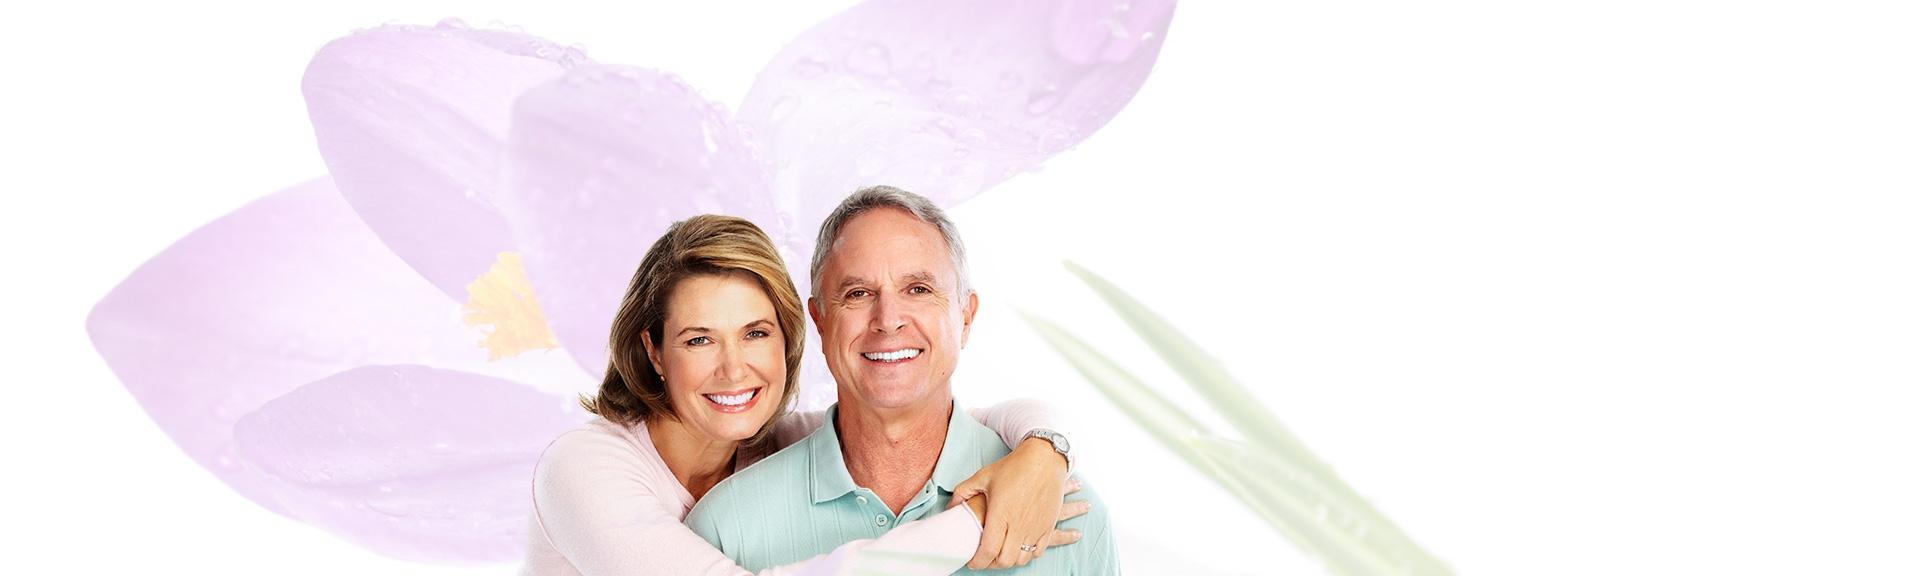 Implantes dentales Elche - Gustavo Garcia del Rio